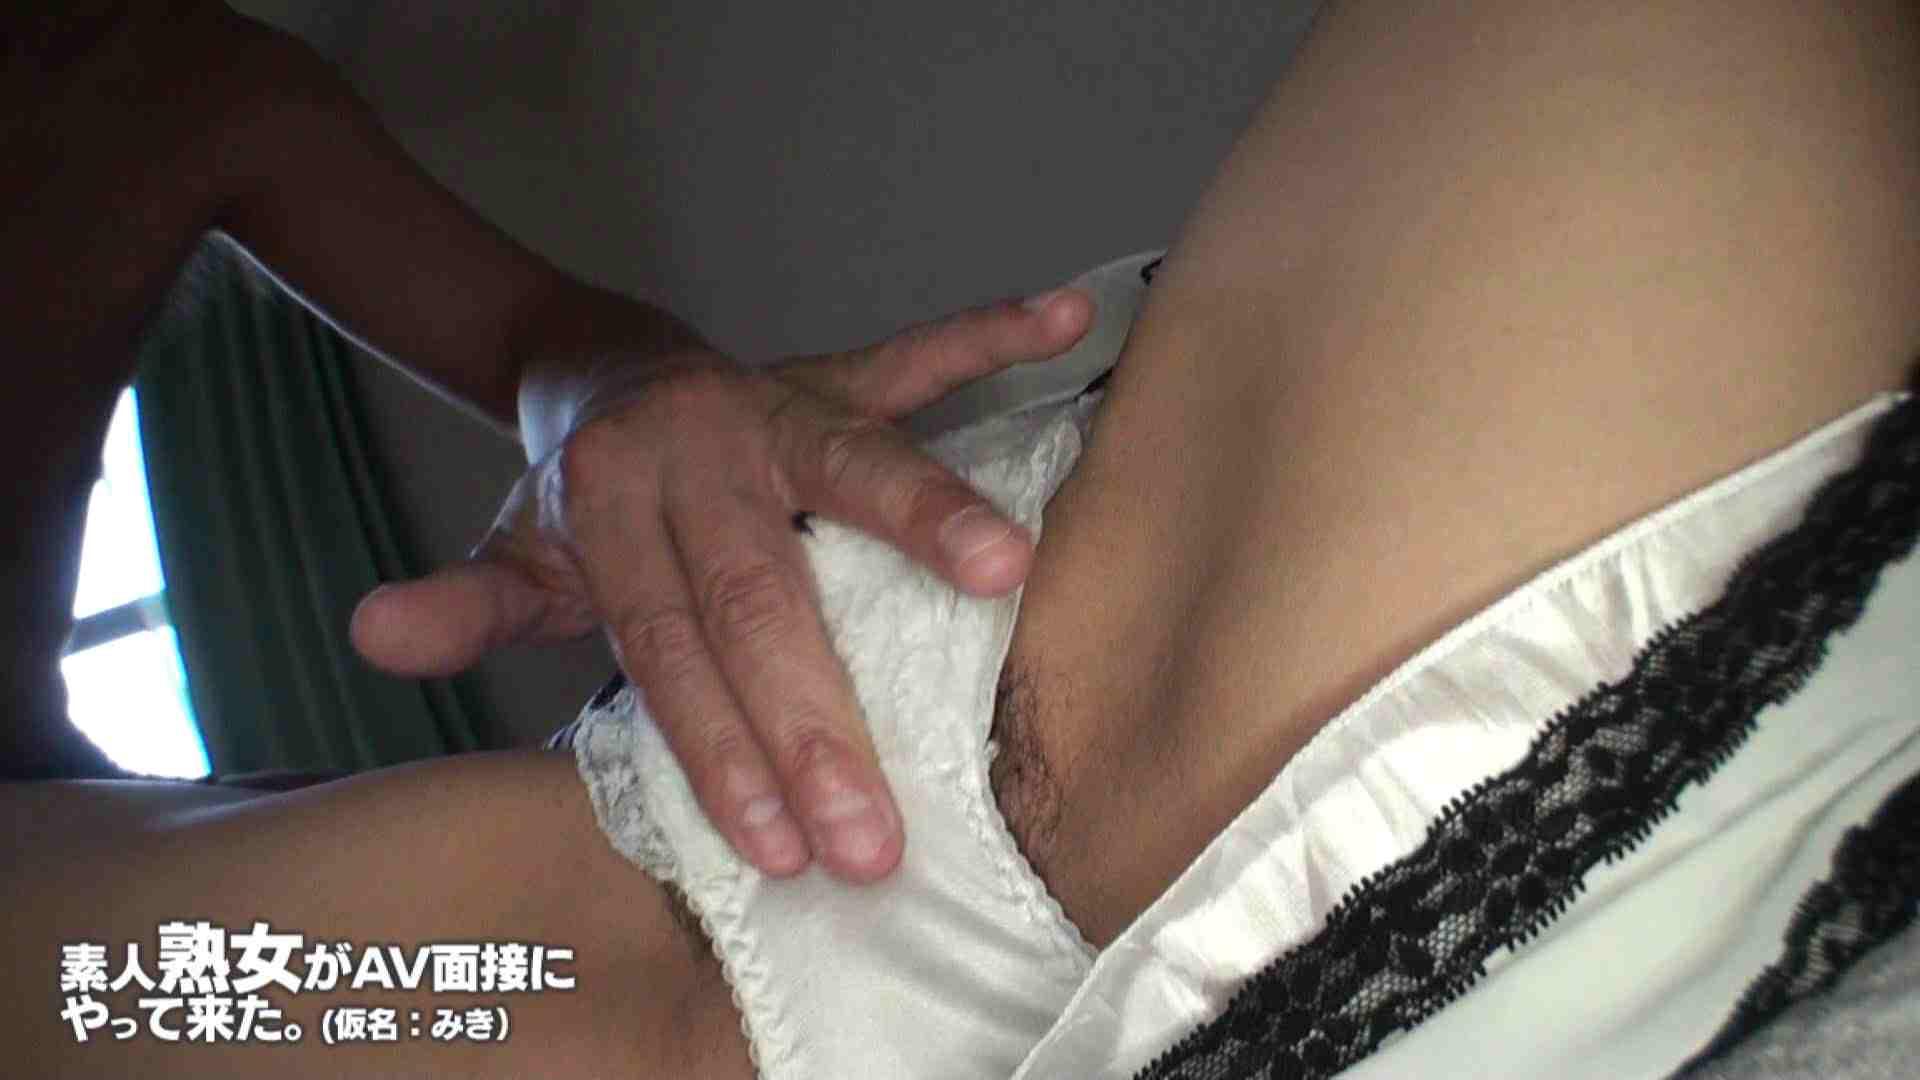 素人熟女がAV面接にやってきた (熟女)みきさんVOL.04(前編) 素人流出動画 盗撮画像 90枚 12